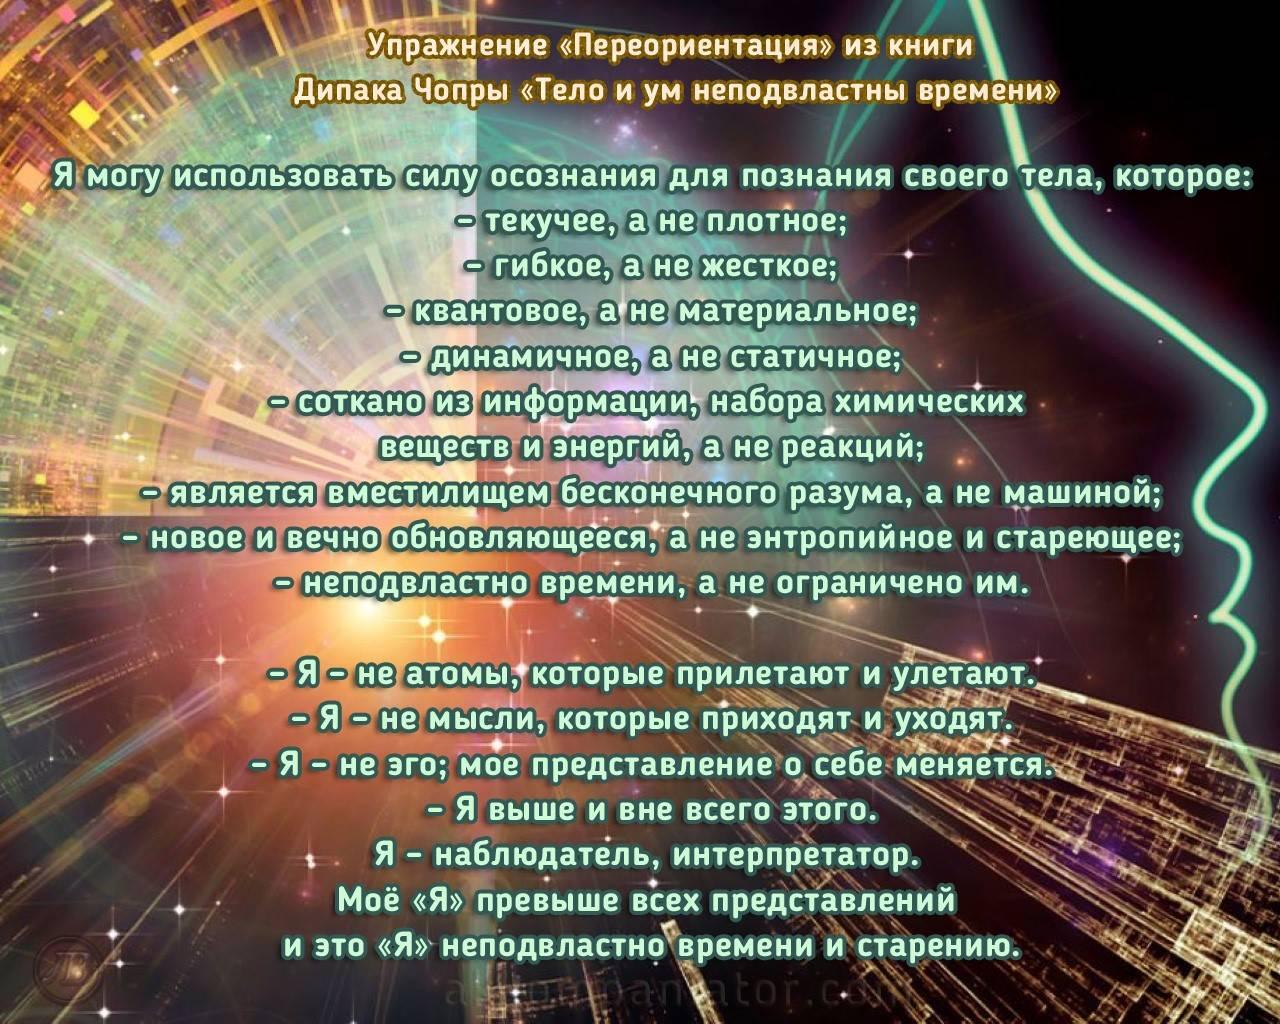 Pereorientatsiya-1280x1024